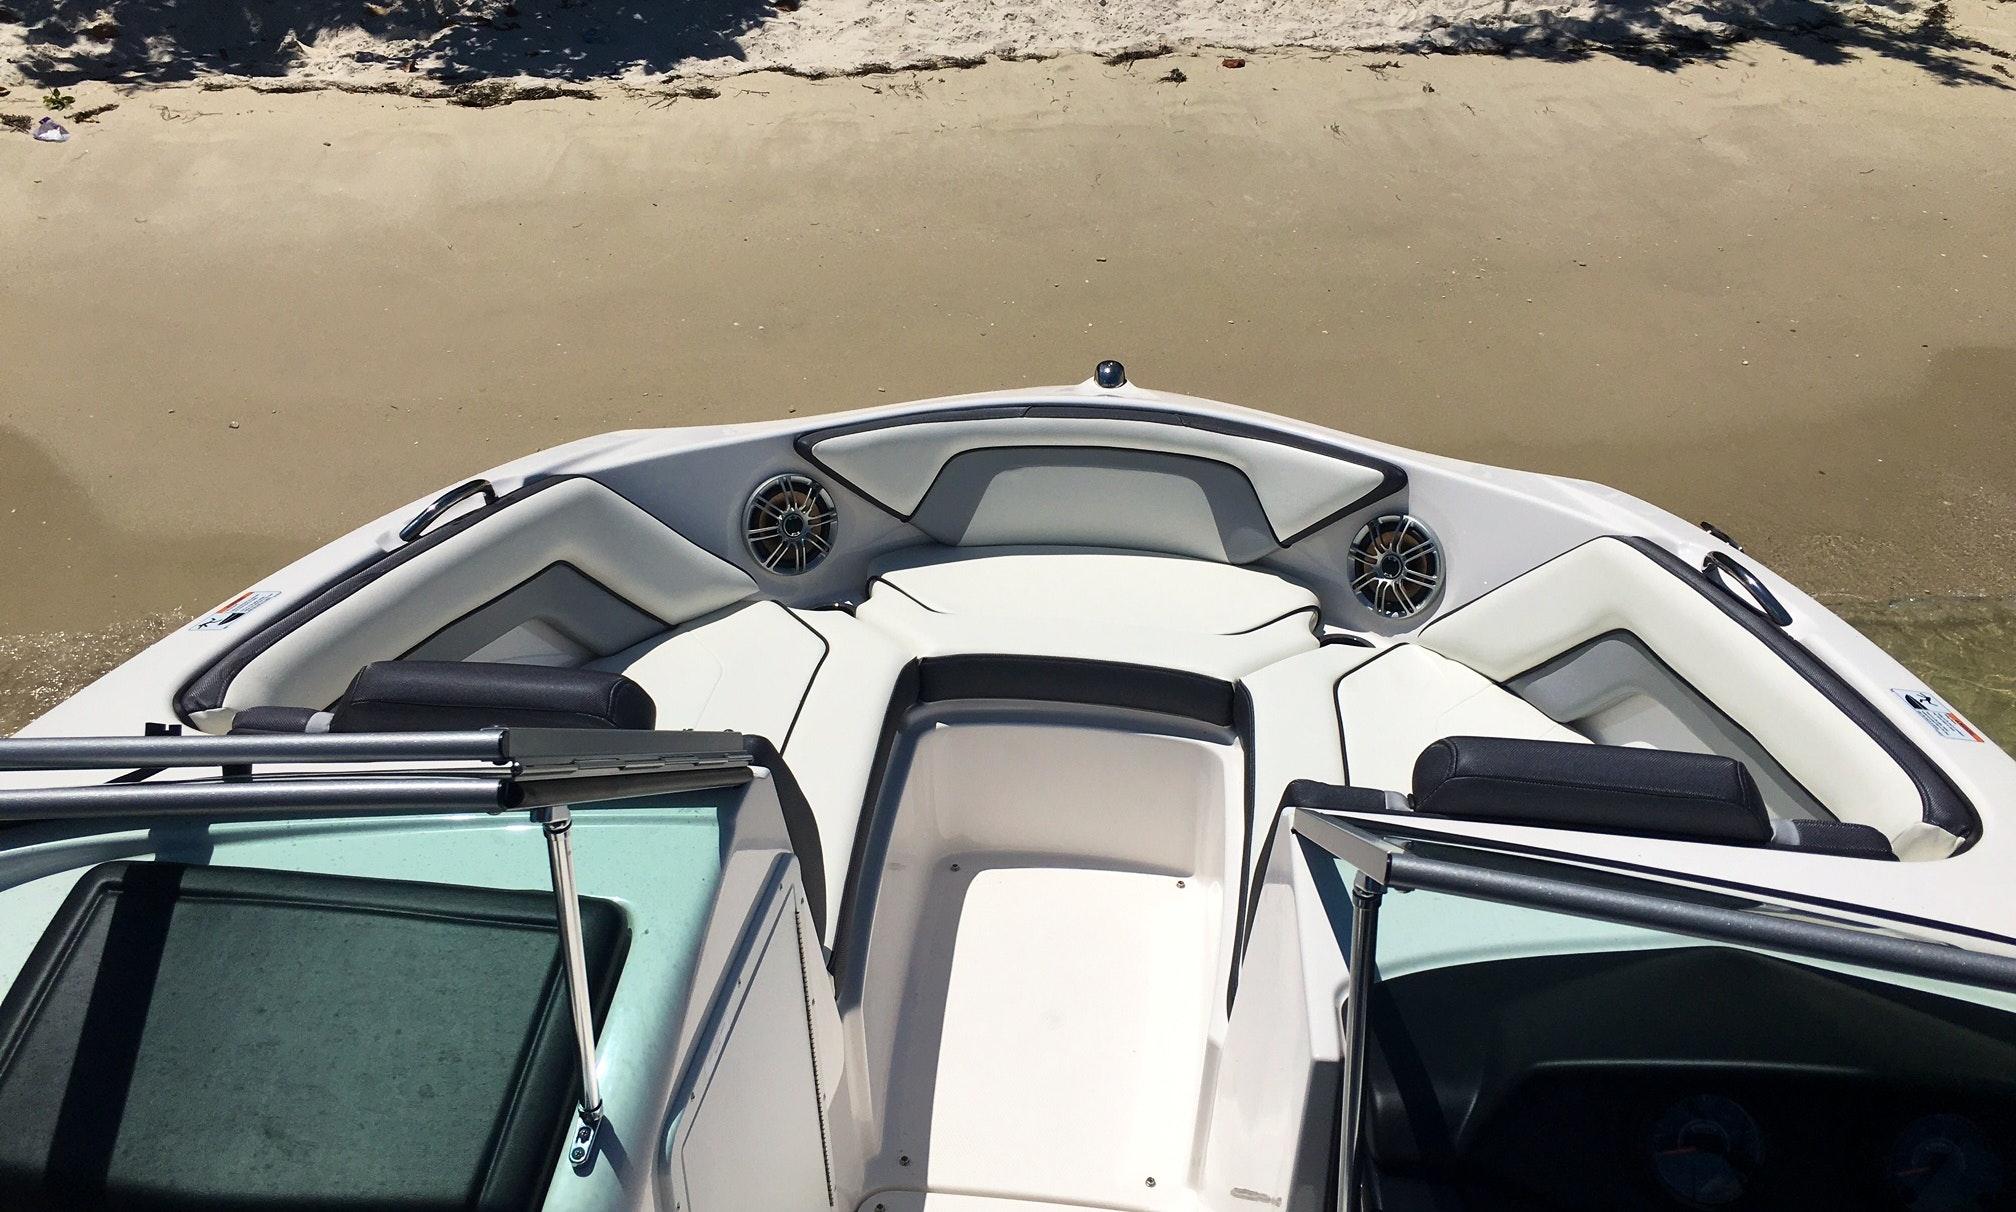 Yamaha Supercharged Jet Boat | GetMyBoat